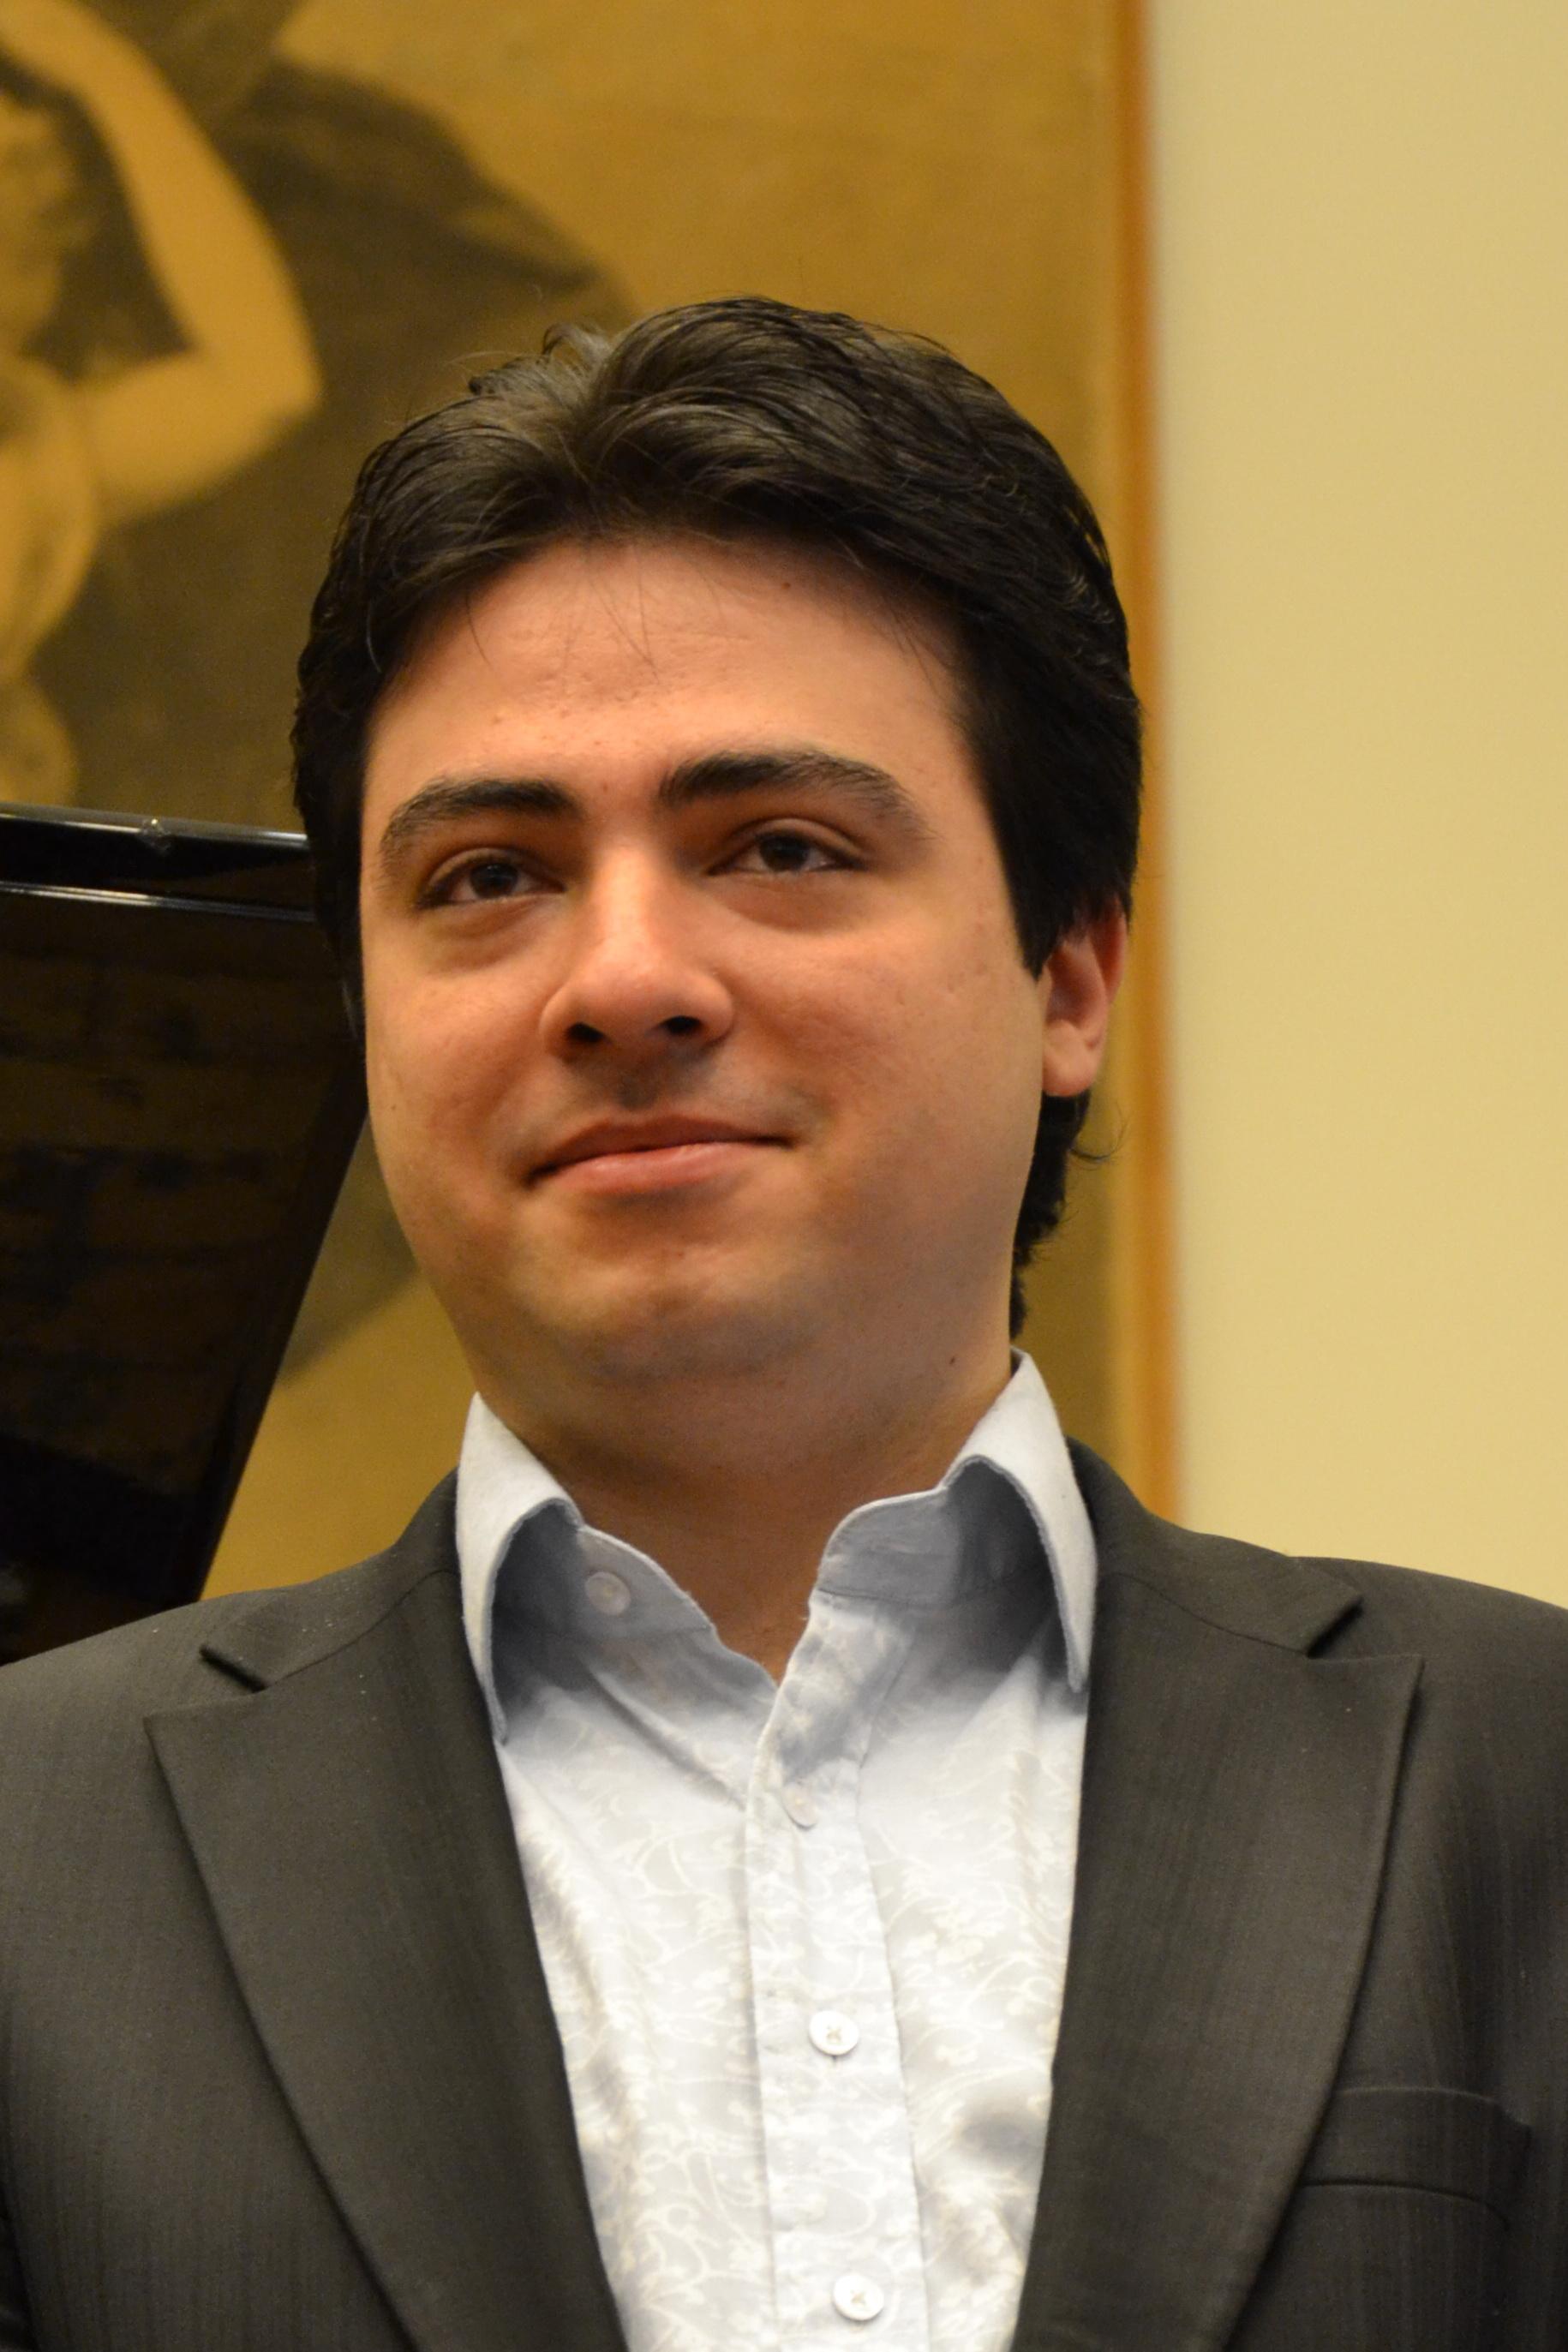 Ifj. Balázs János Junior Prima díjas zongoraművész